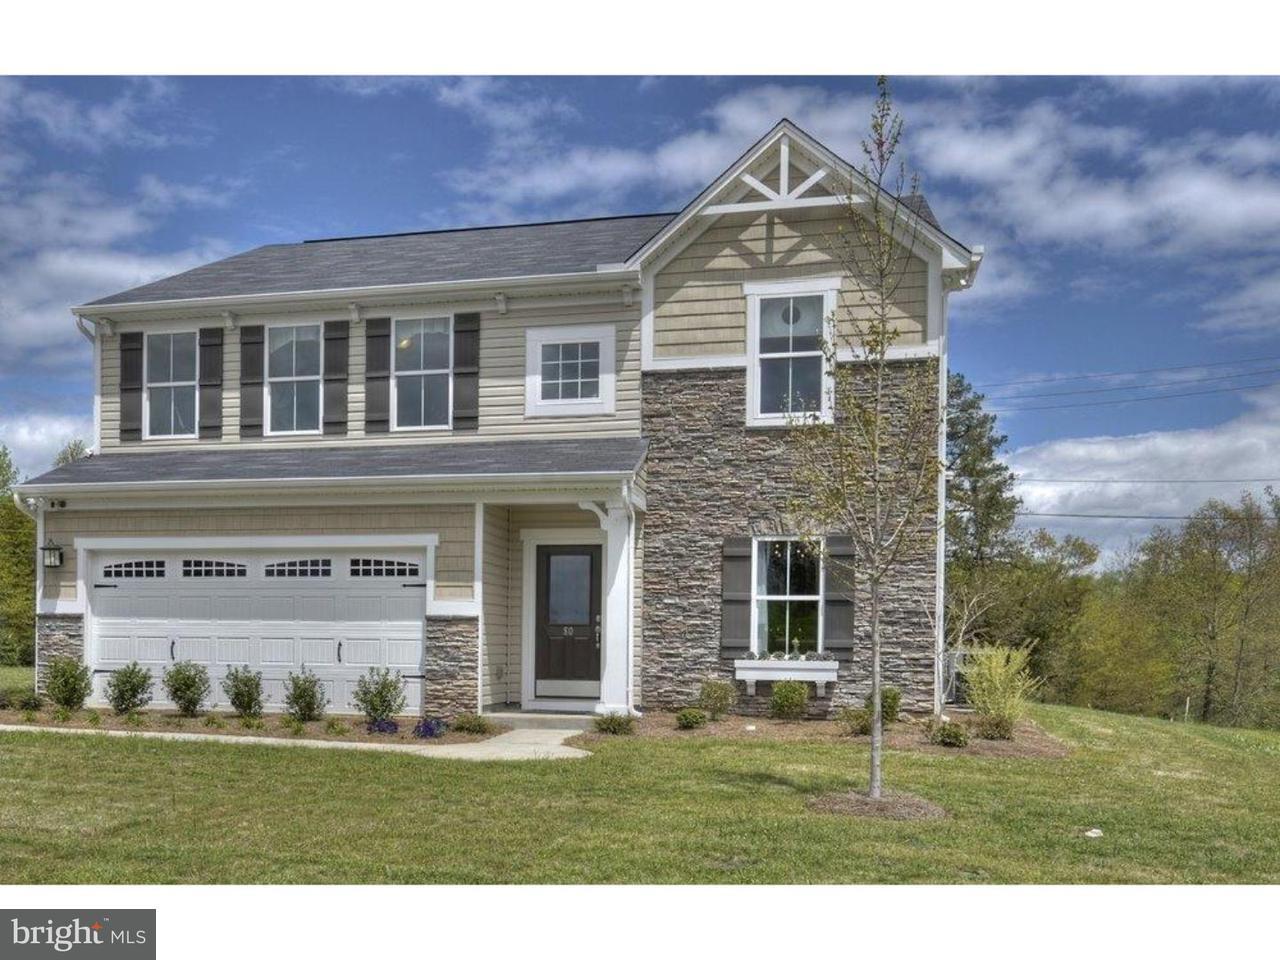 独户住宅 为 销售 在 2 EAST CROSSING Drive Mount Royal, 新泽西州 08061 美国